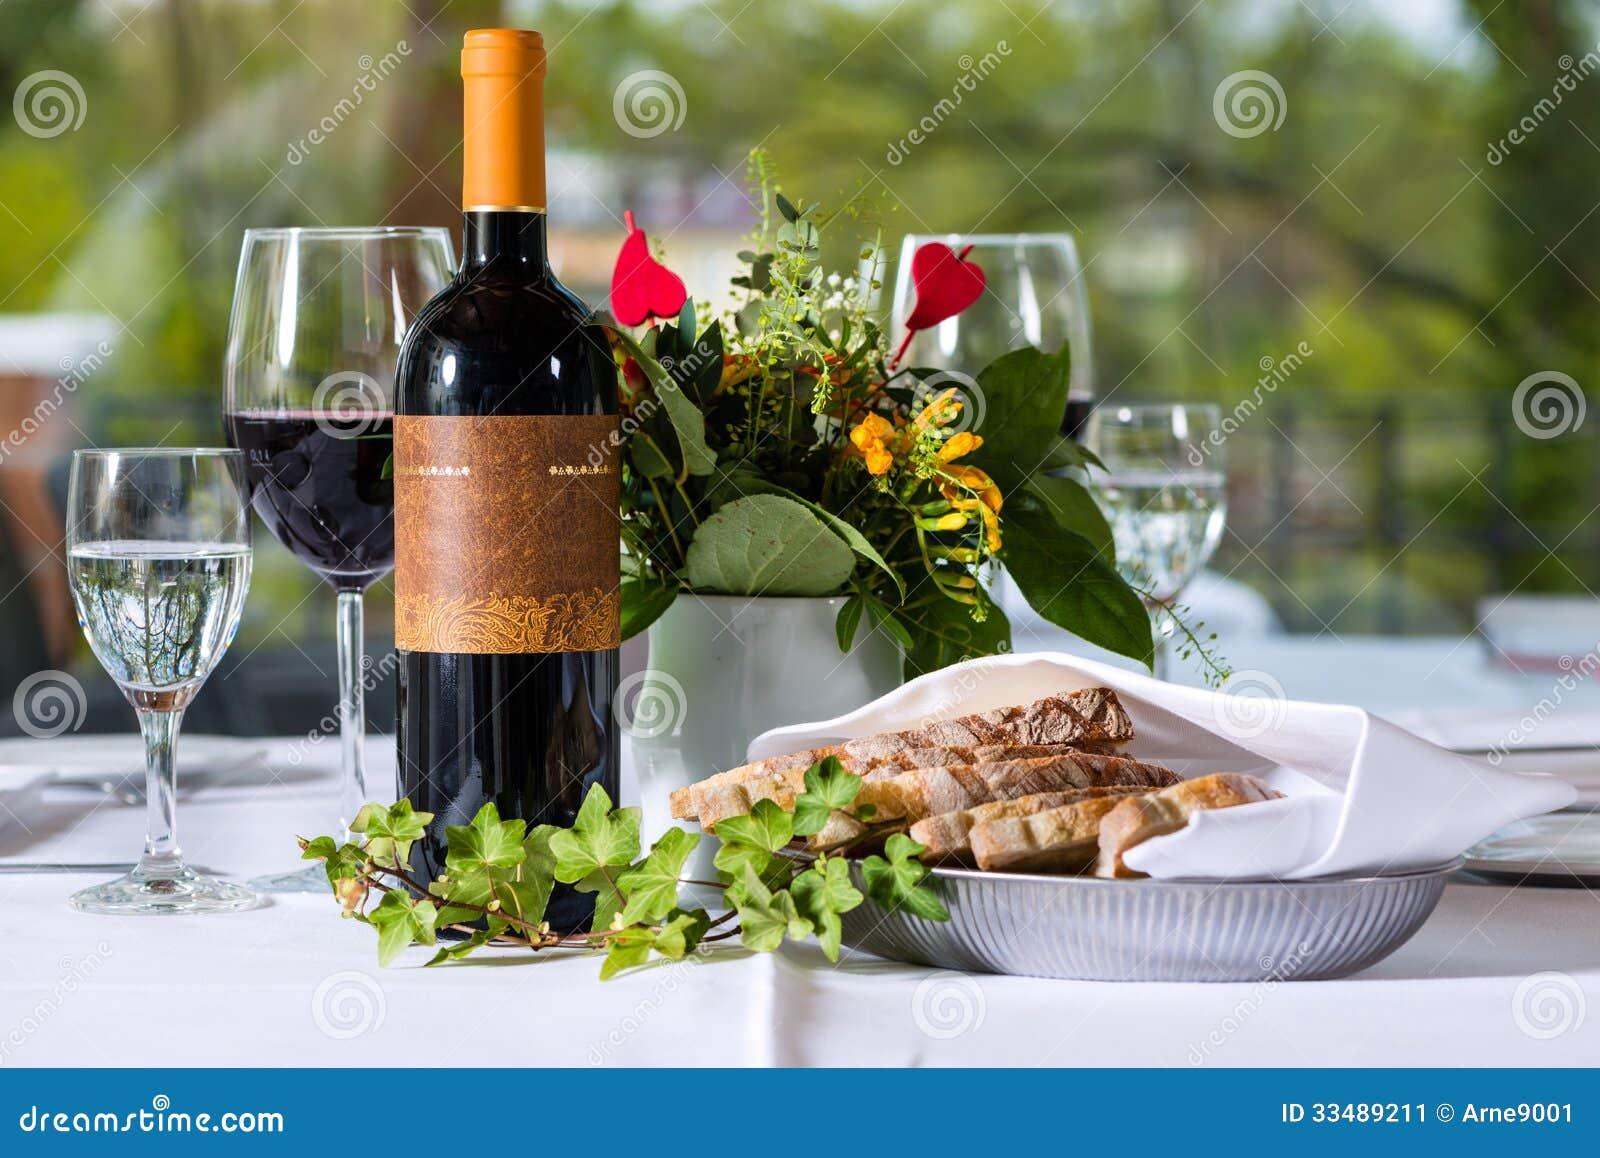 vin rouge avec la bouteille et le verre sur une table image stock image 33489211. Black Bedroom Furniture Sets. Home Design Ideas